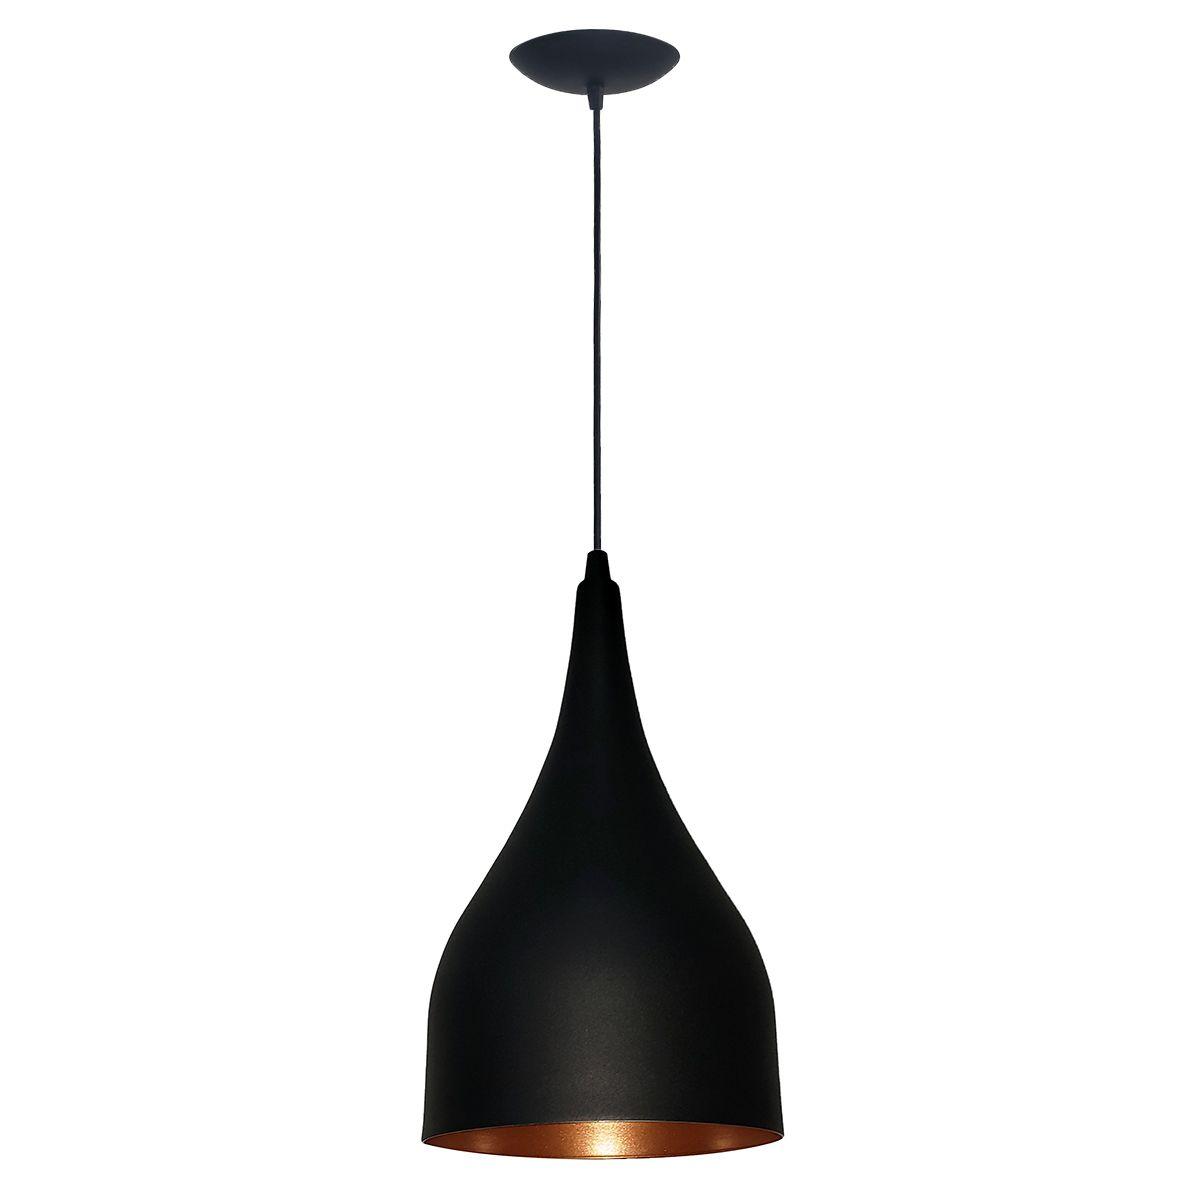 Luminária Decorativa Gota Preto/Cobre com Pendente